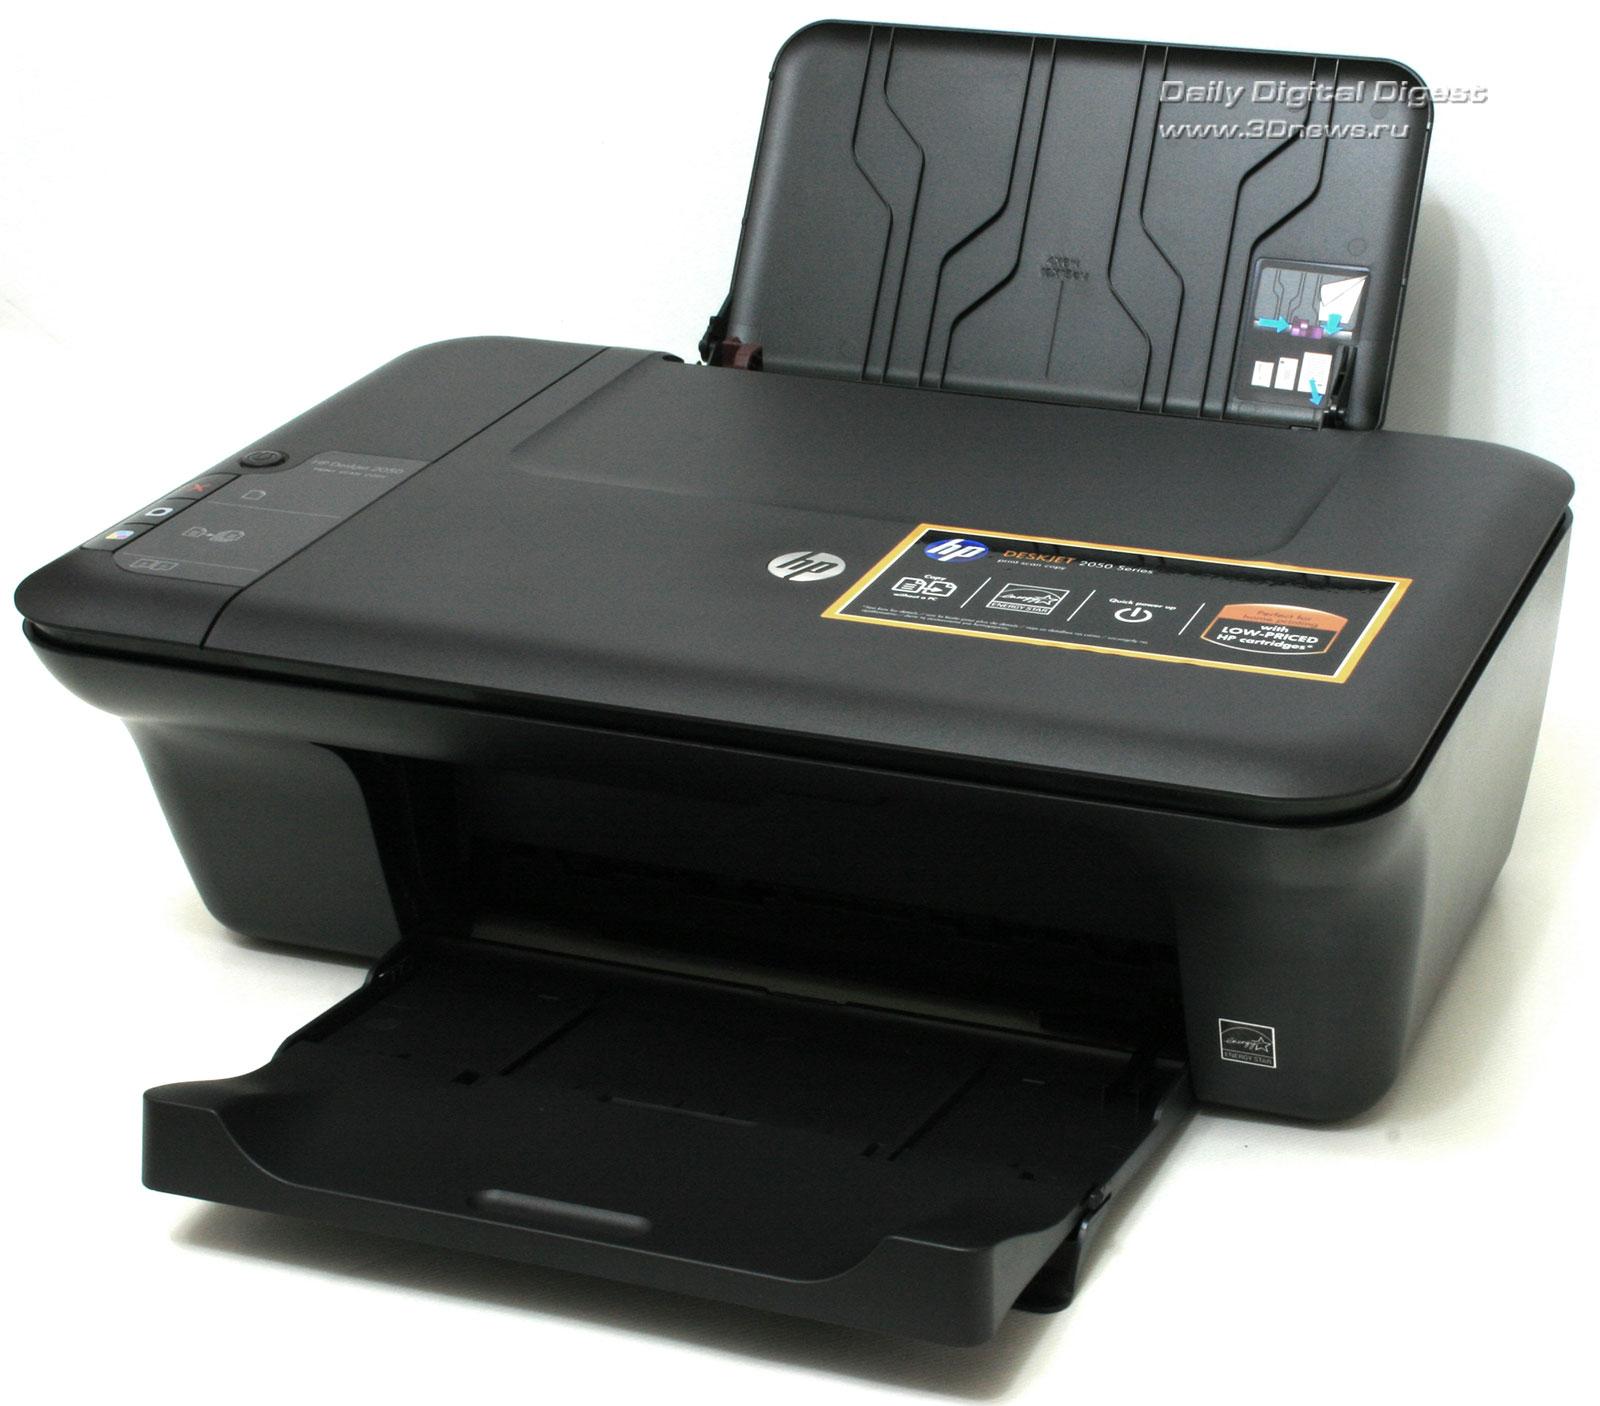 Большинство наиболее доступных моделей МФУ компактные и лёгкие, с минимумом дизайнерских изысков, и HP DeskJet 2050...